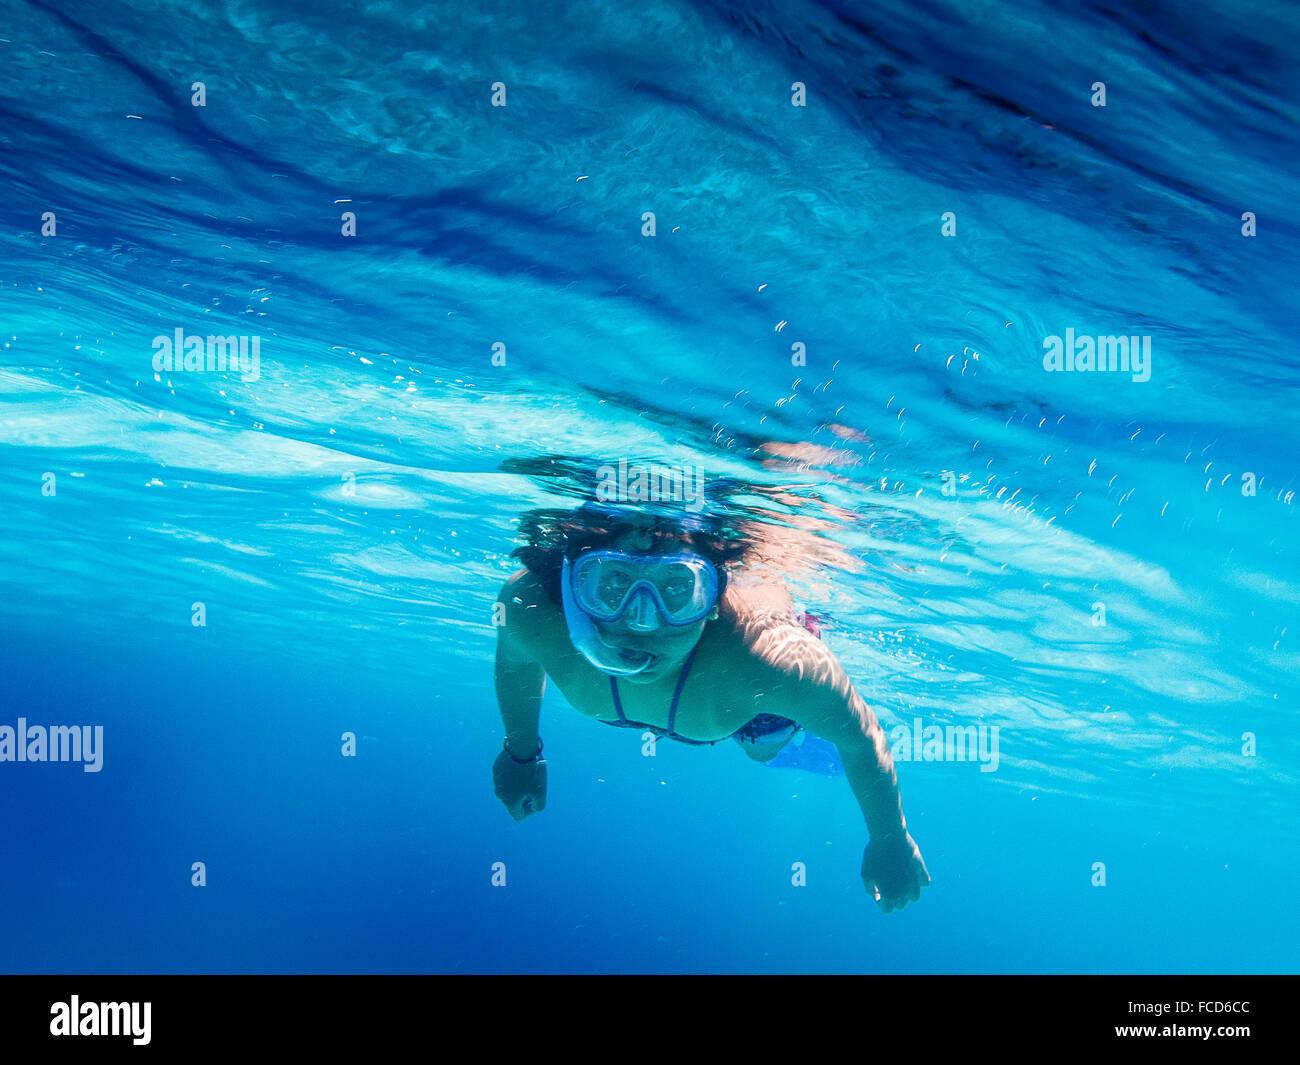 Retrato de mujer nadando en el mar azul Imagen De Stock